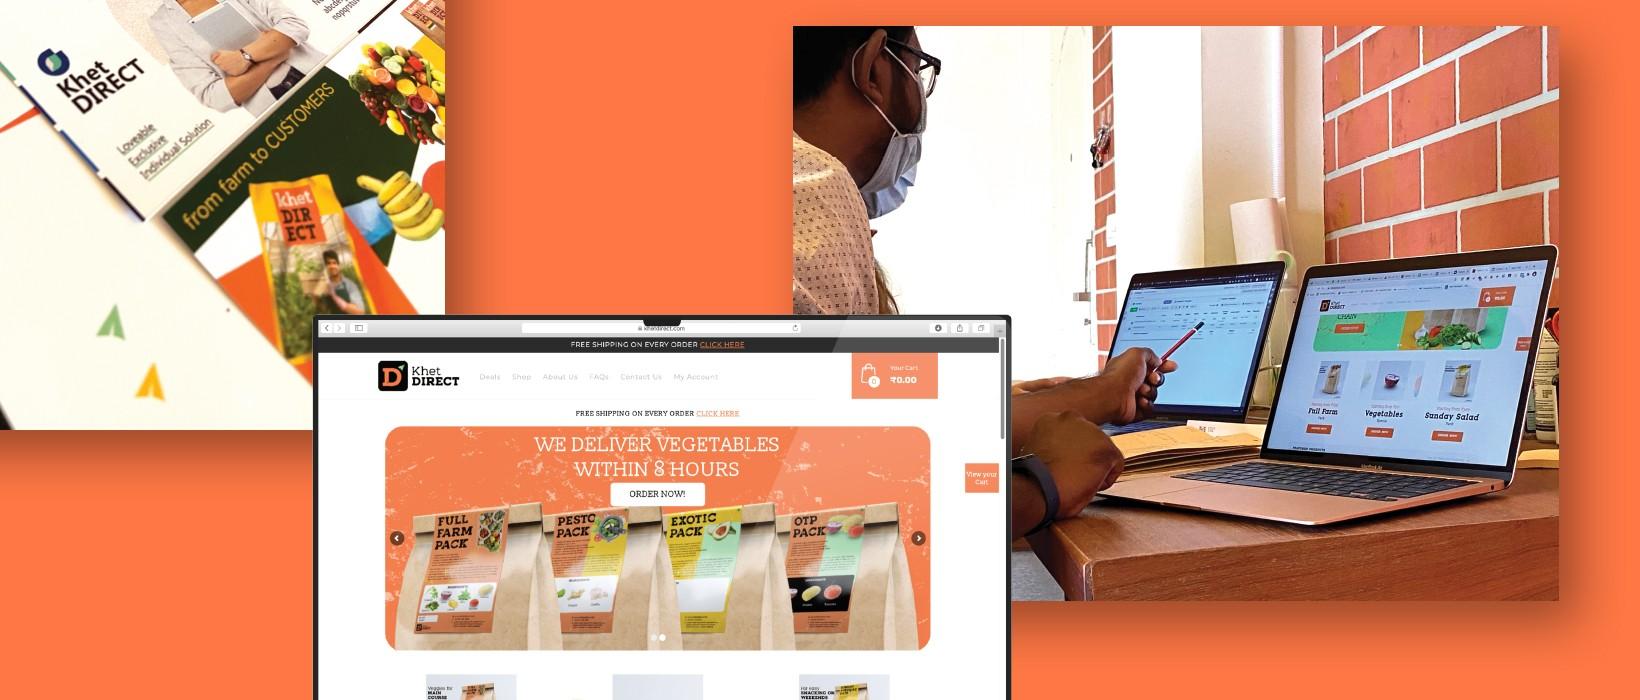 PulsAero built an interactive website for khet direct